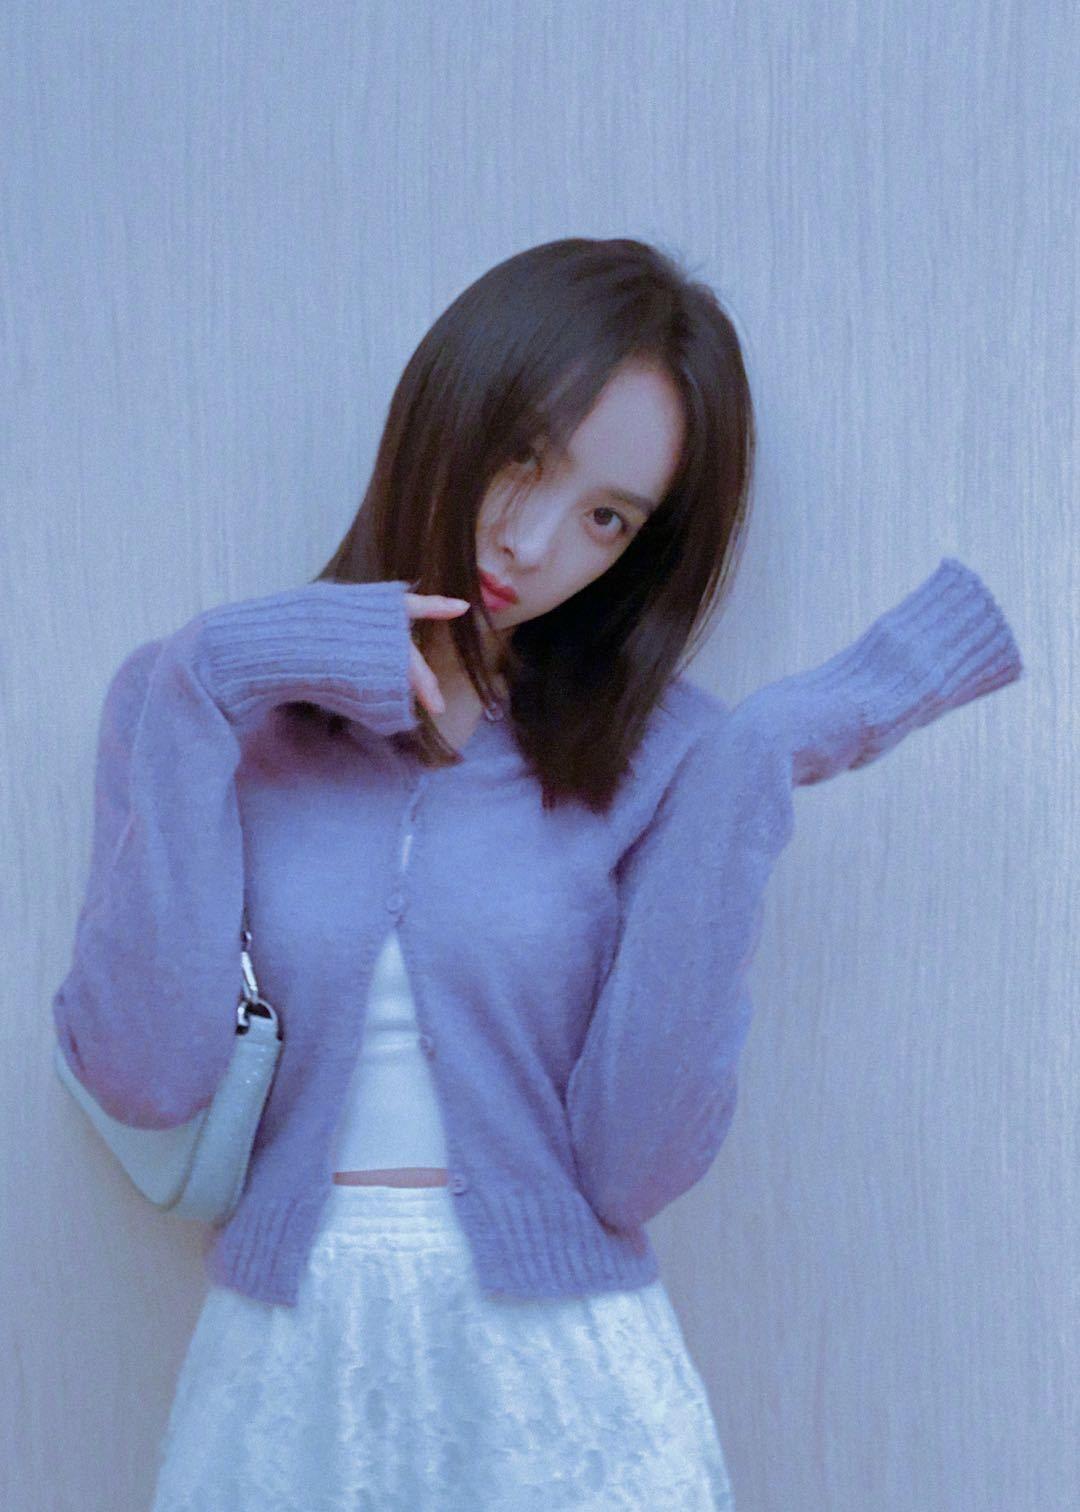 宋茜香芋紫开衫搭配白色蕾丝阔腿裤!是那个温柔甜甜的女友啦!